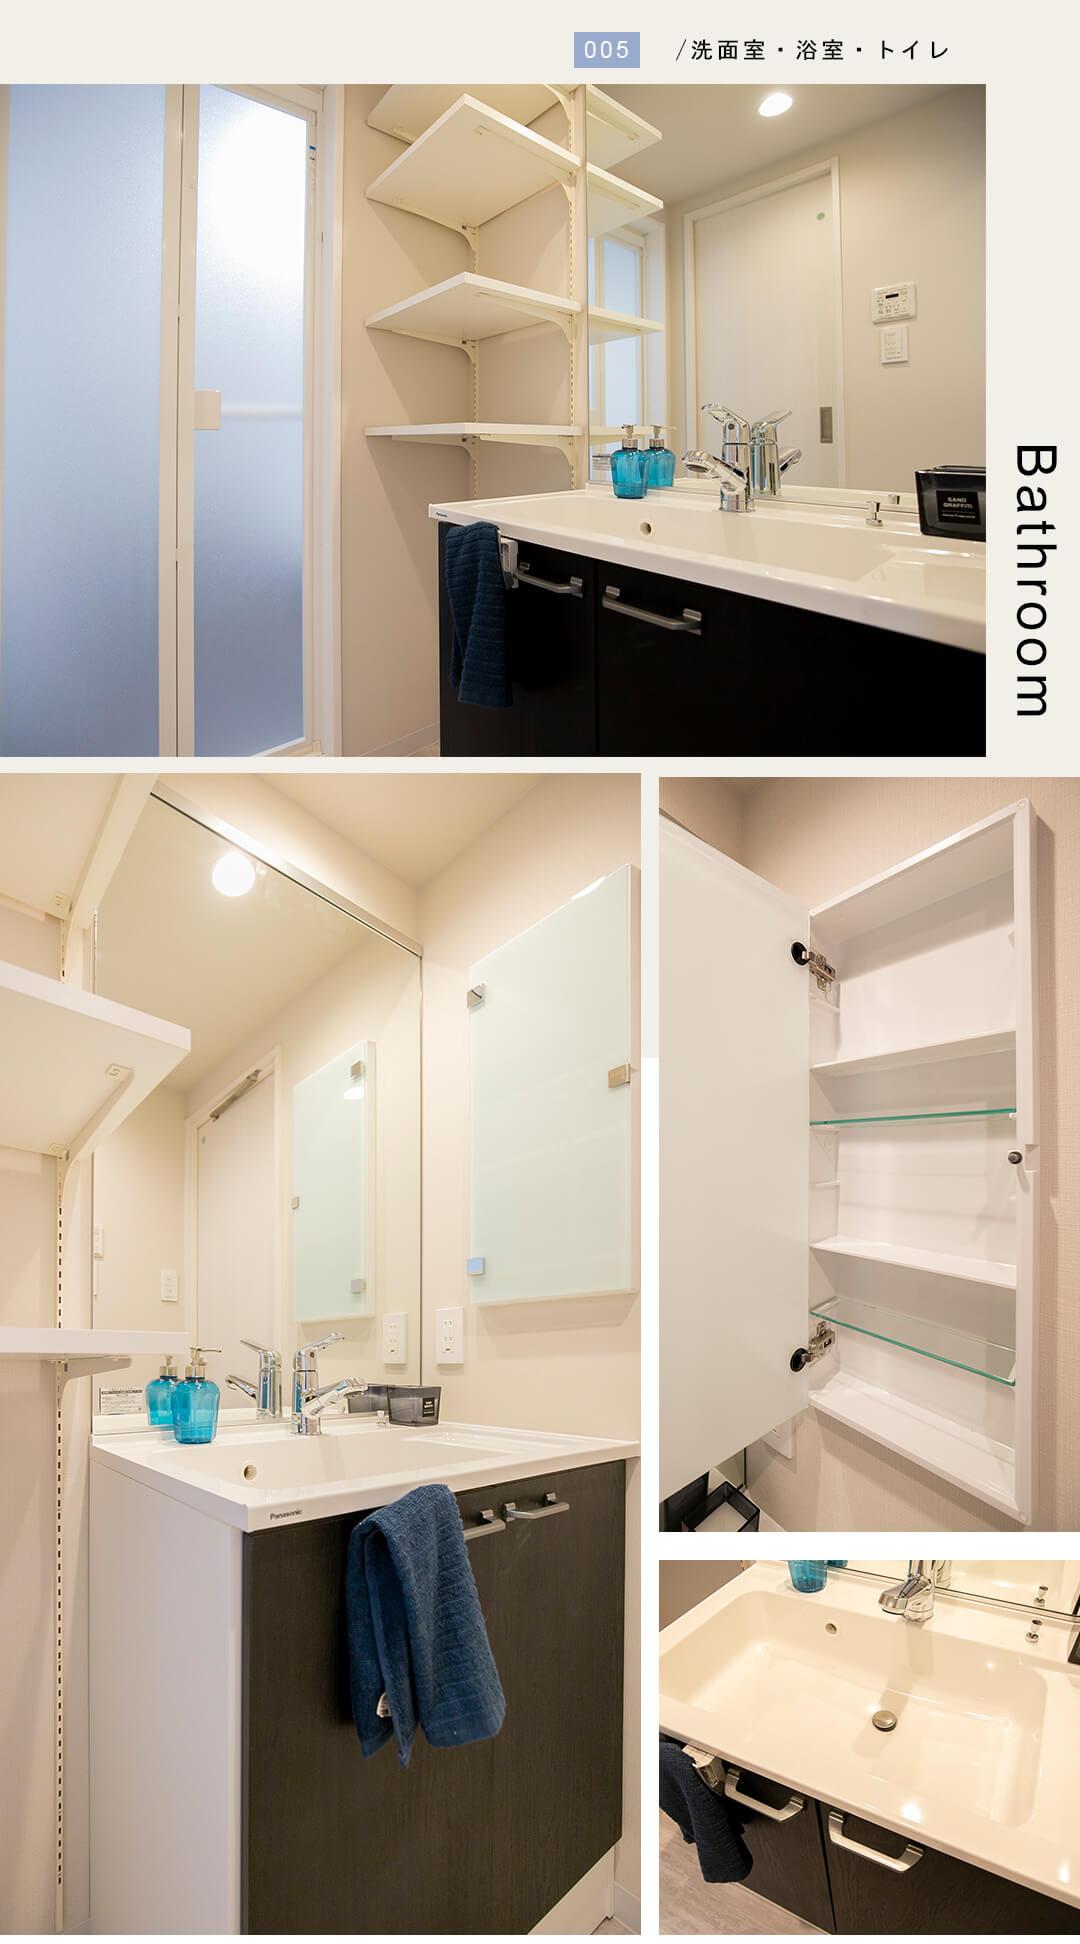 マンション弦巻の洗面室